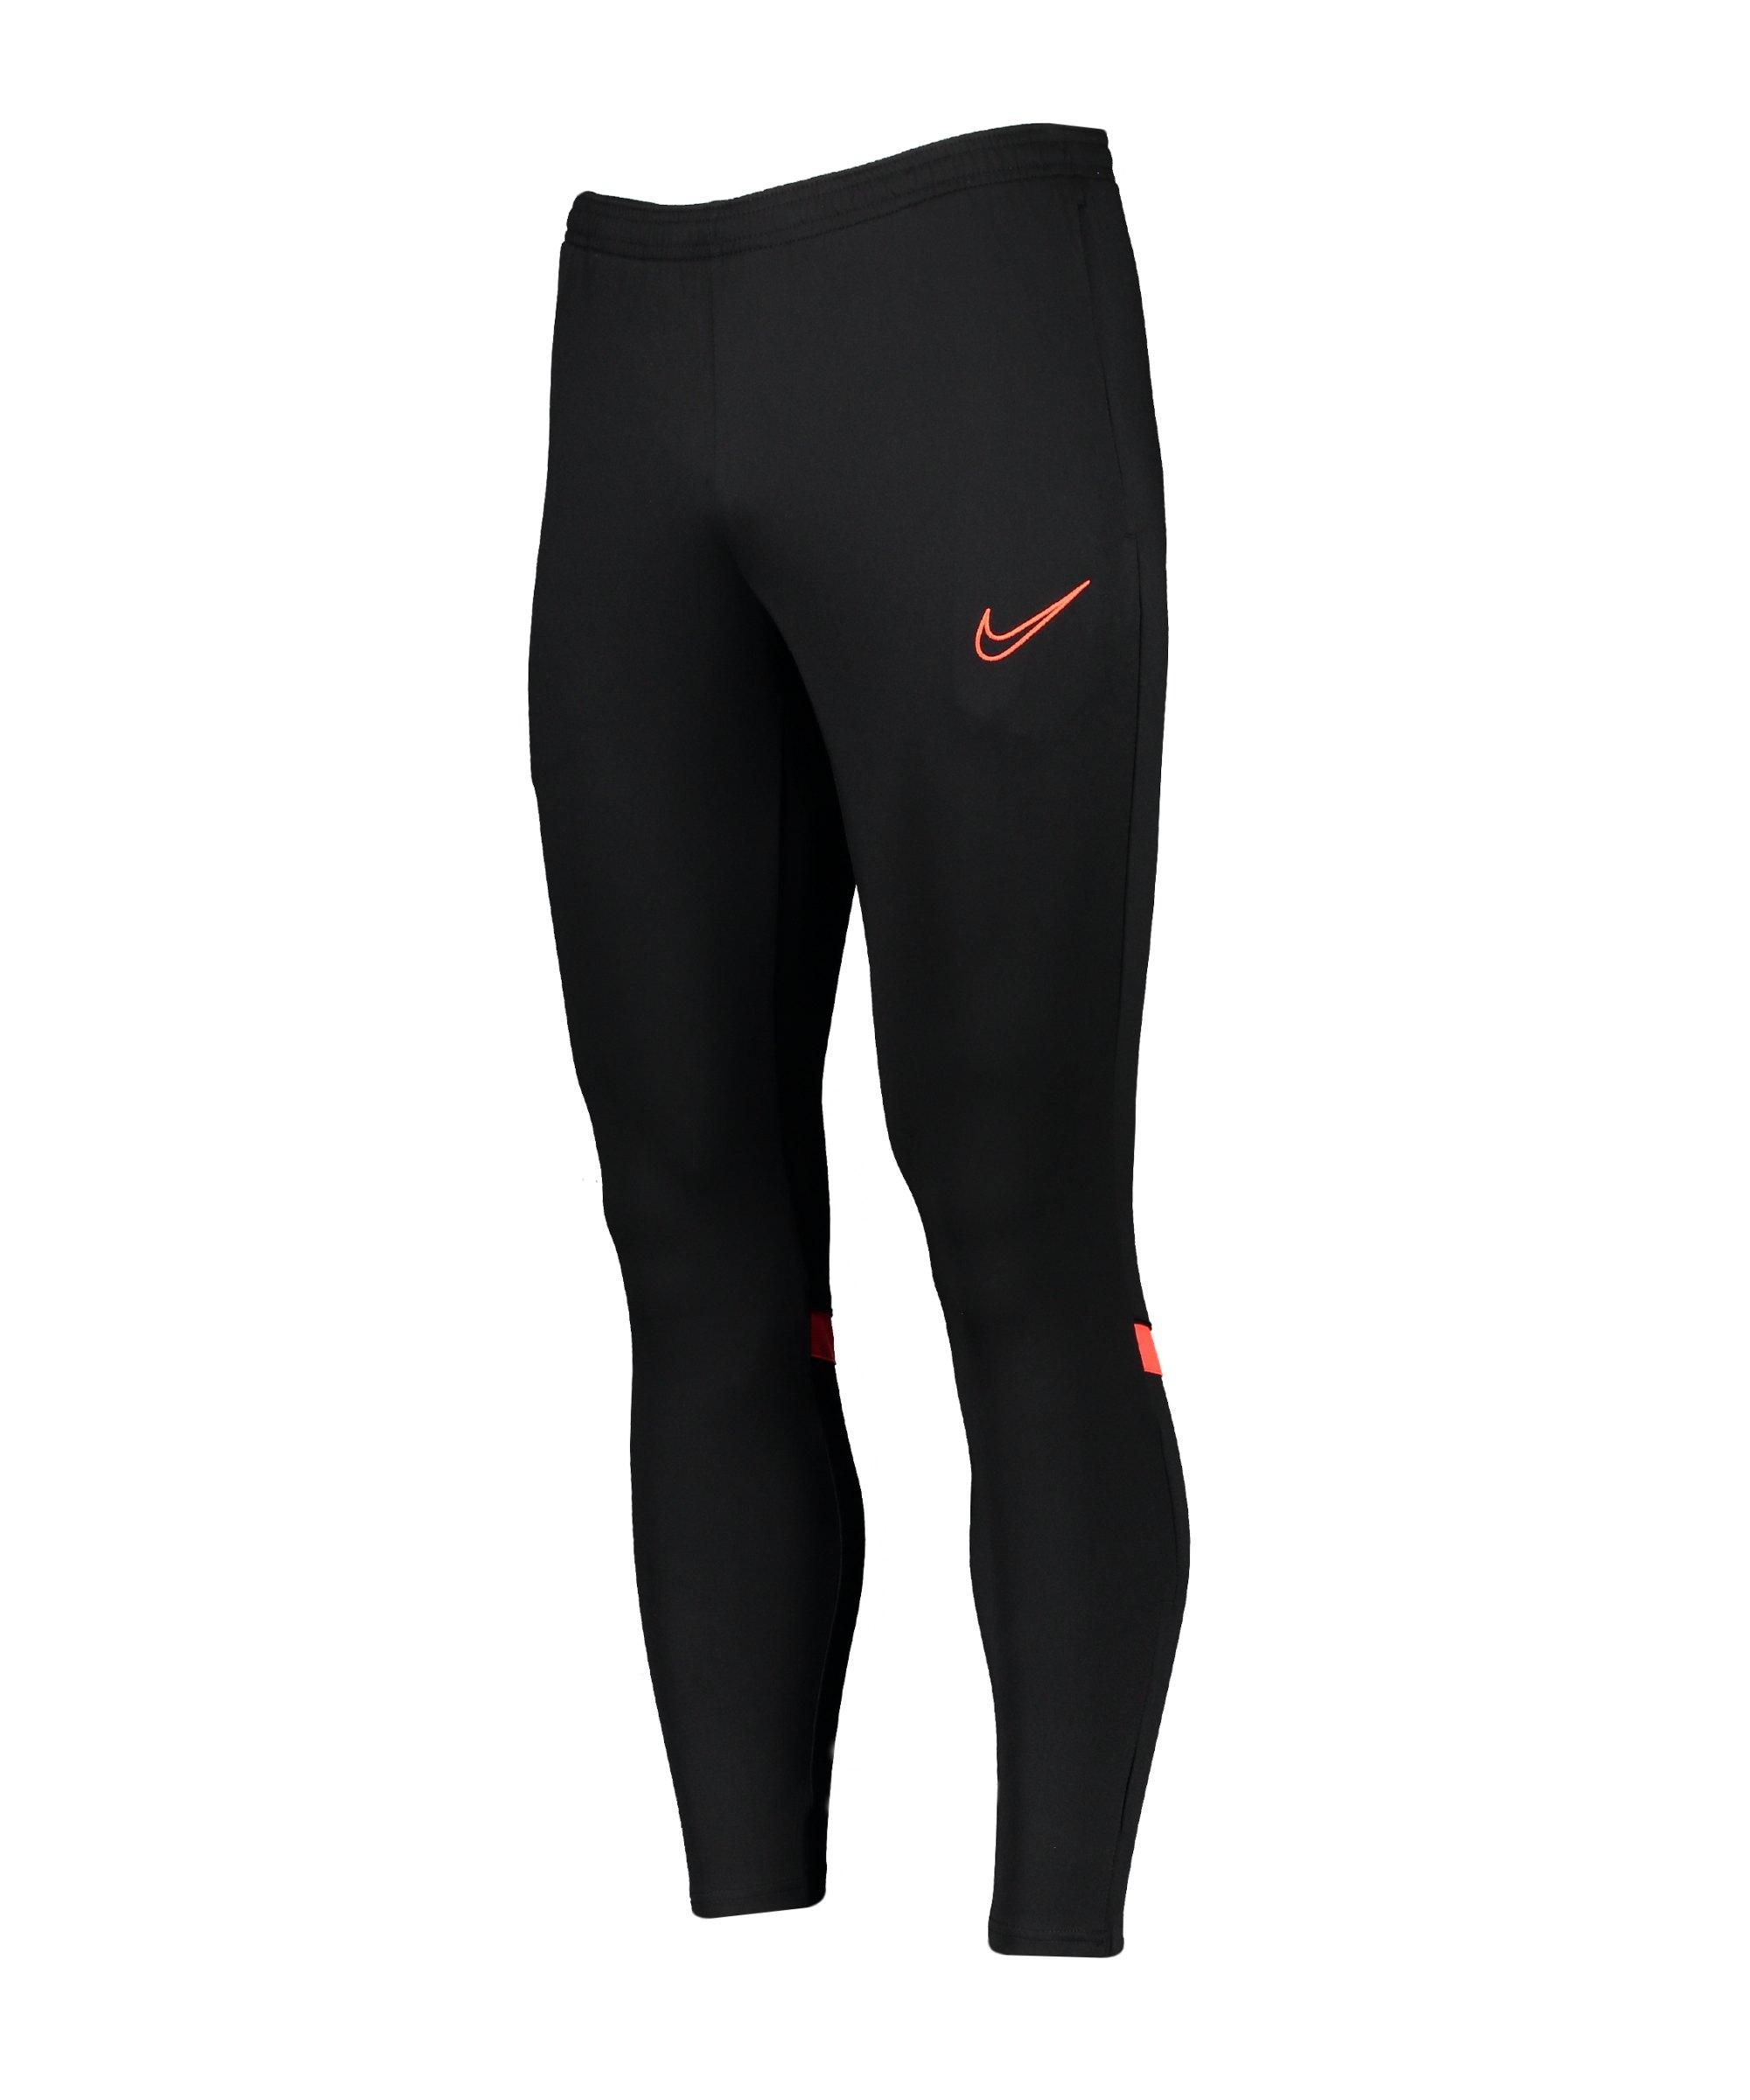 Nike Academy 21 Trainingshose Schwarz F016 - schwarz